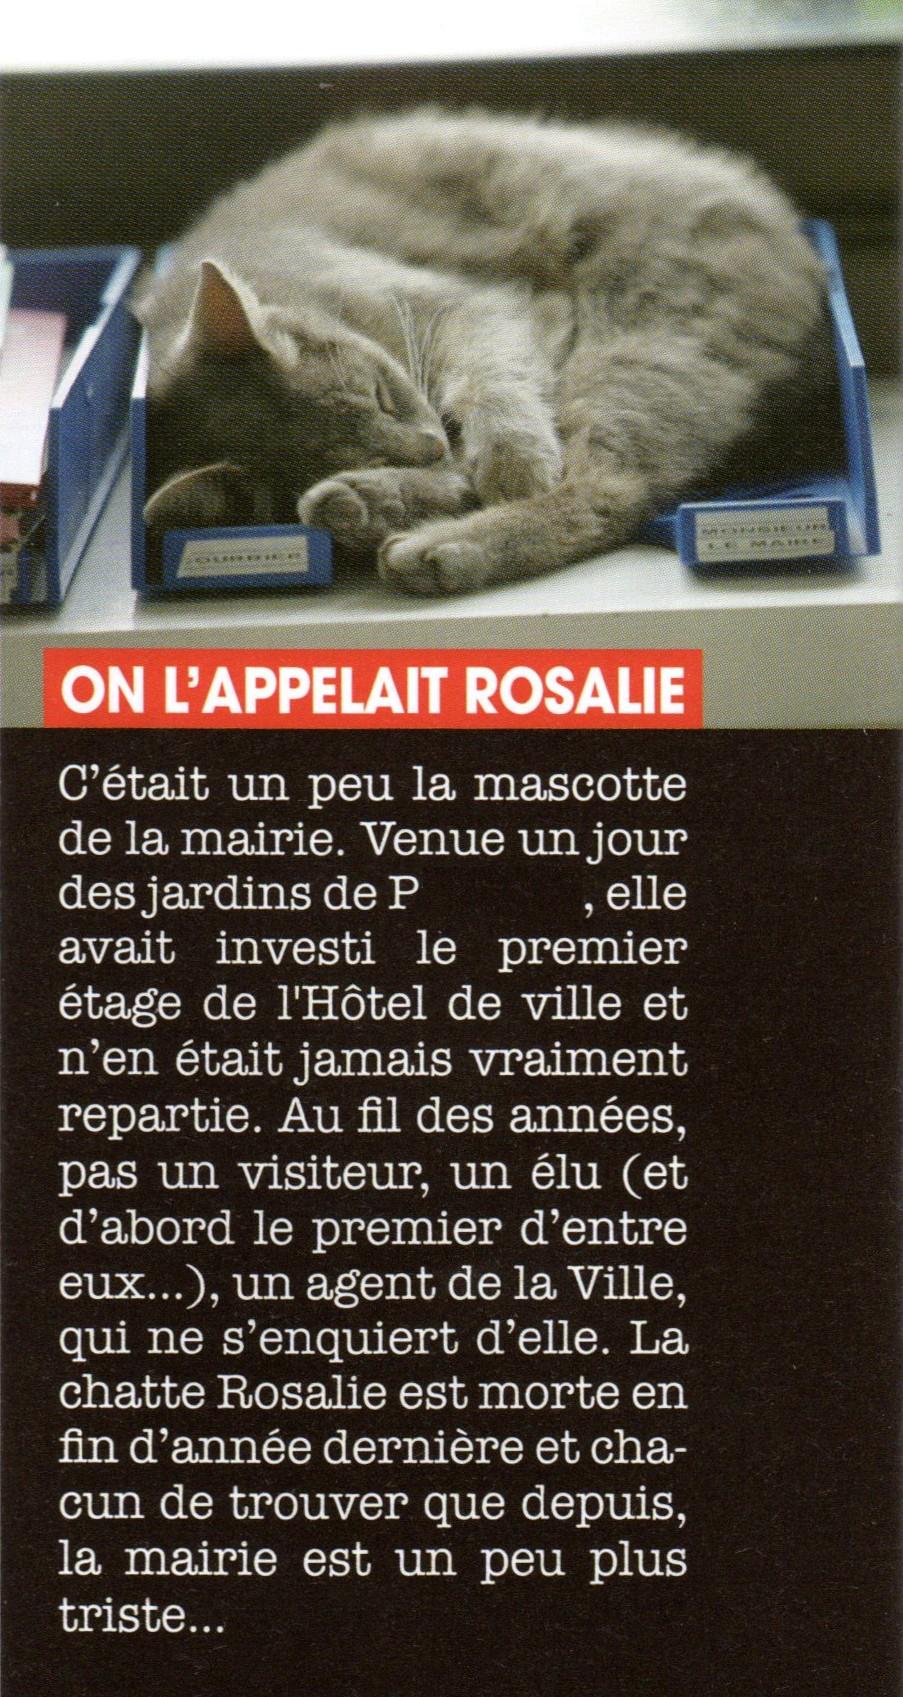 Rosalie chatte de mairie